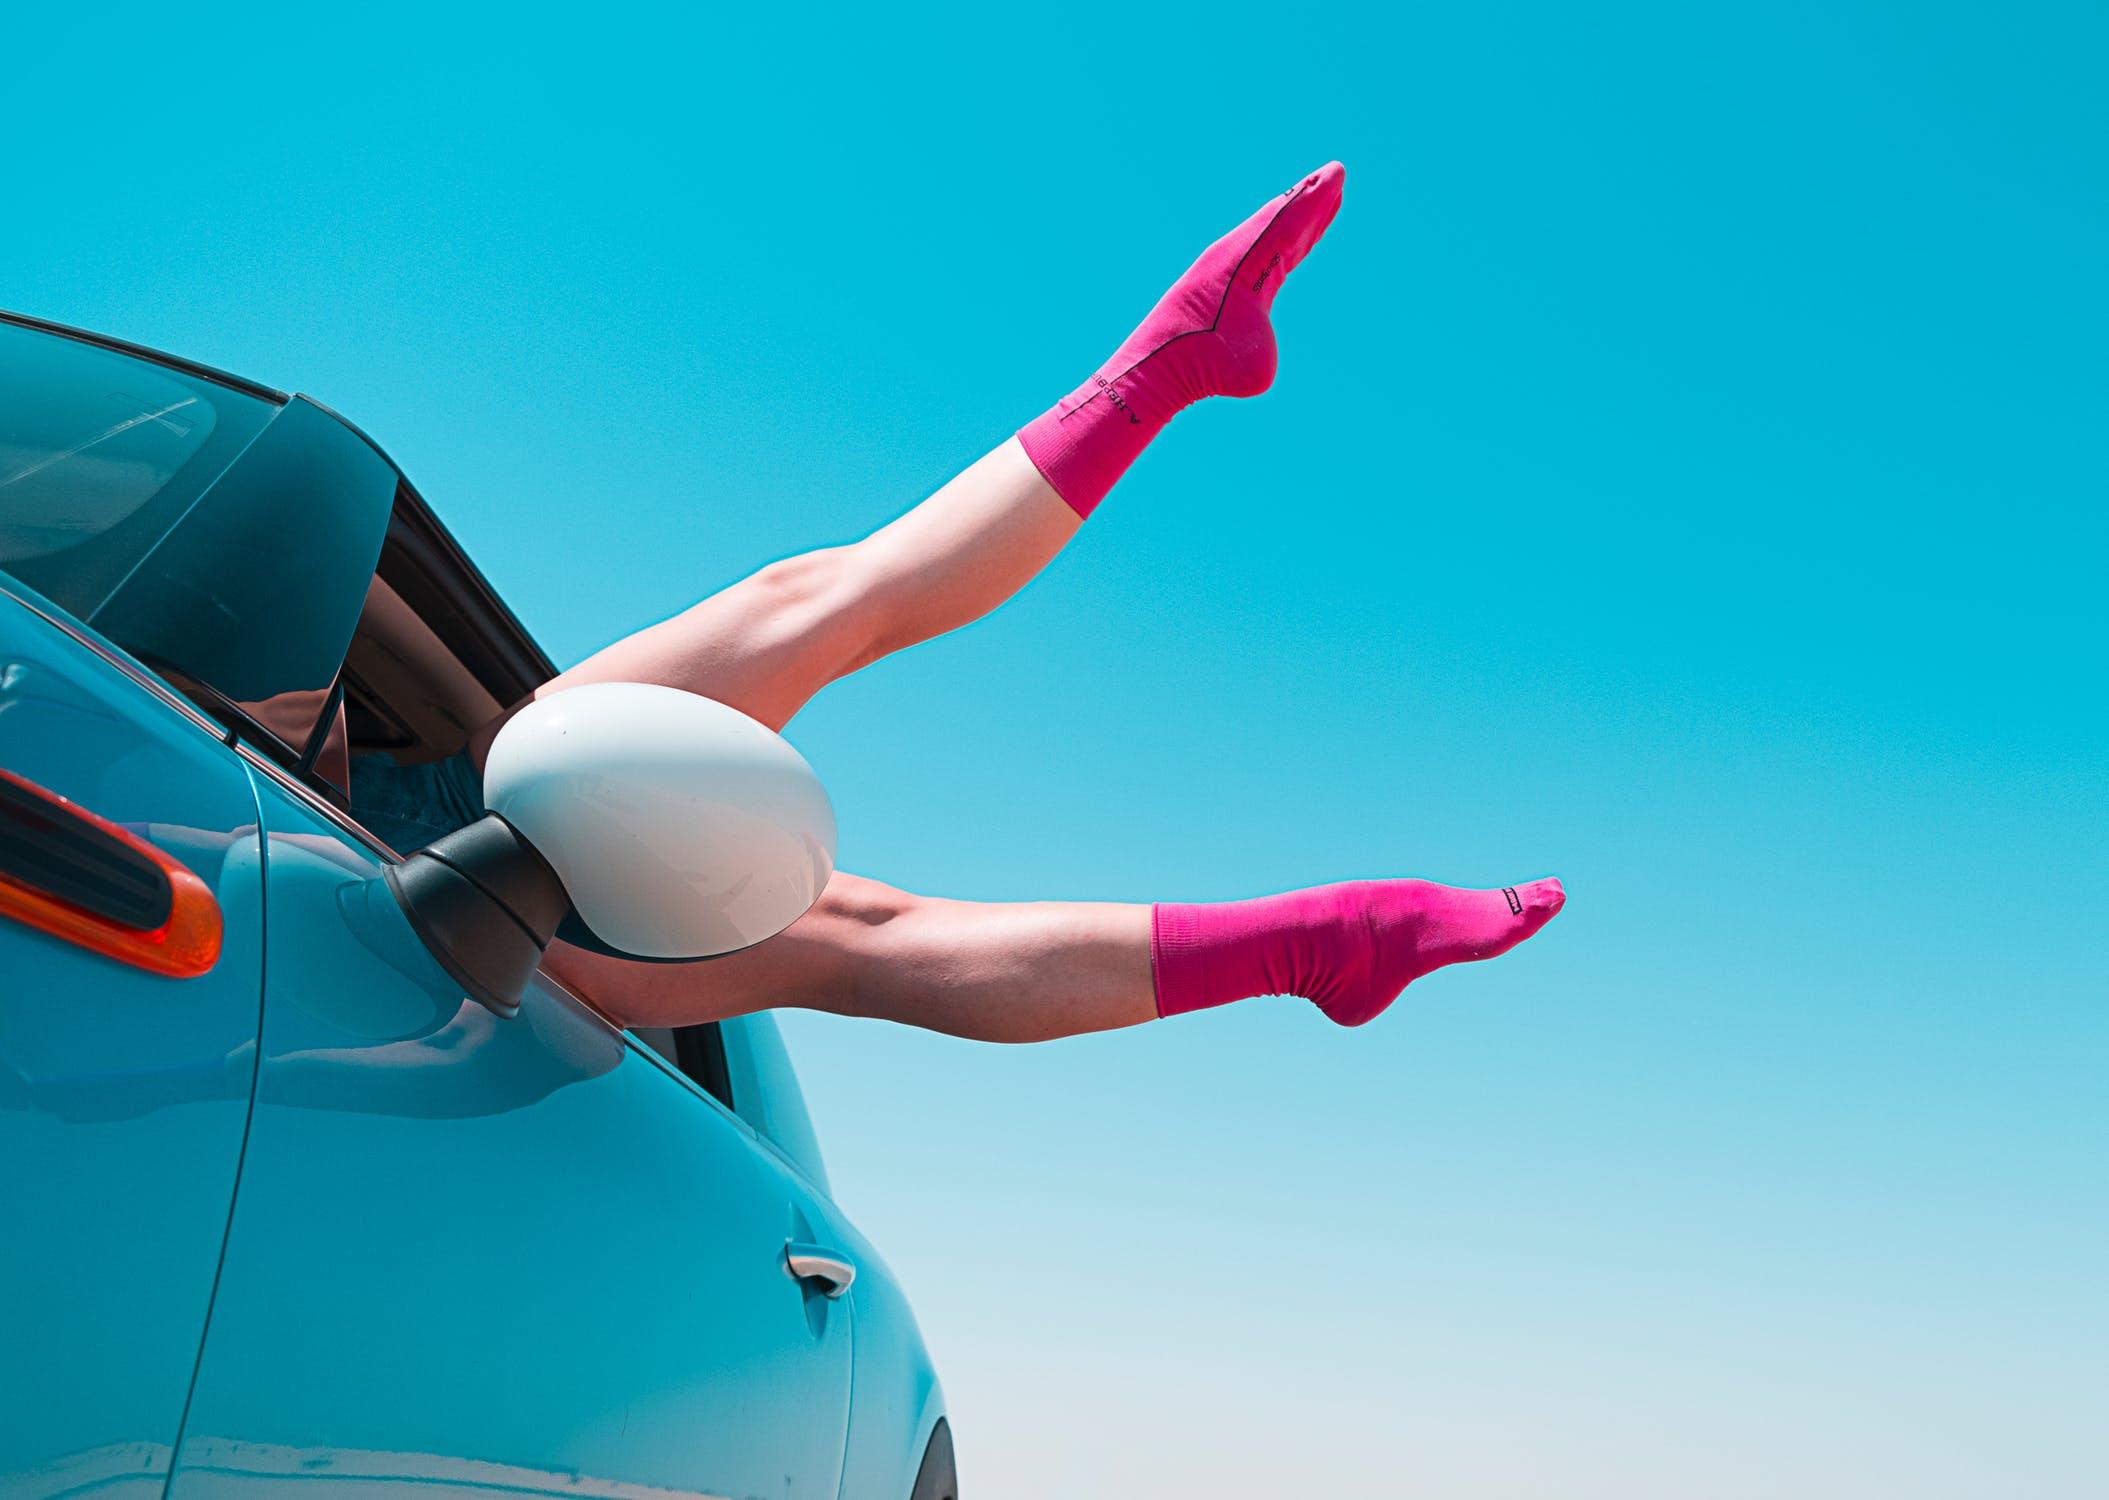 chaussettes faire l'amour dans une voiture